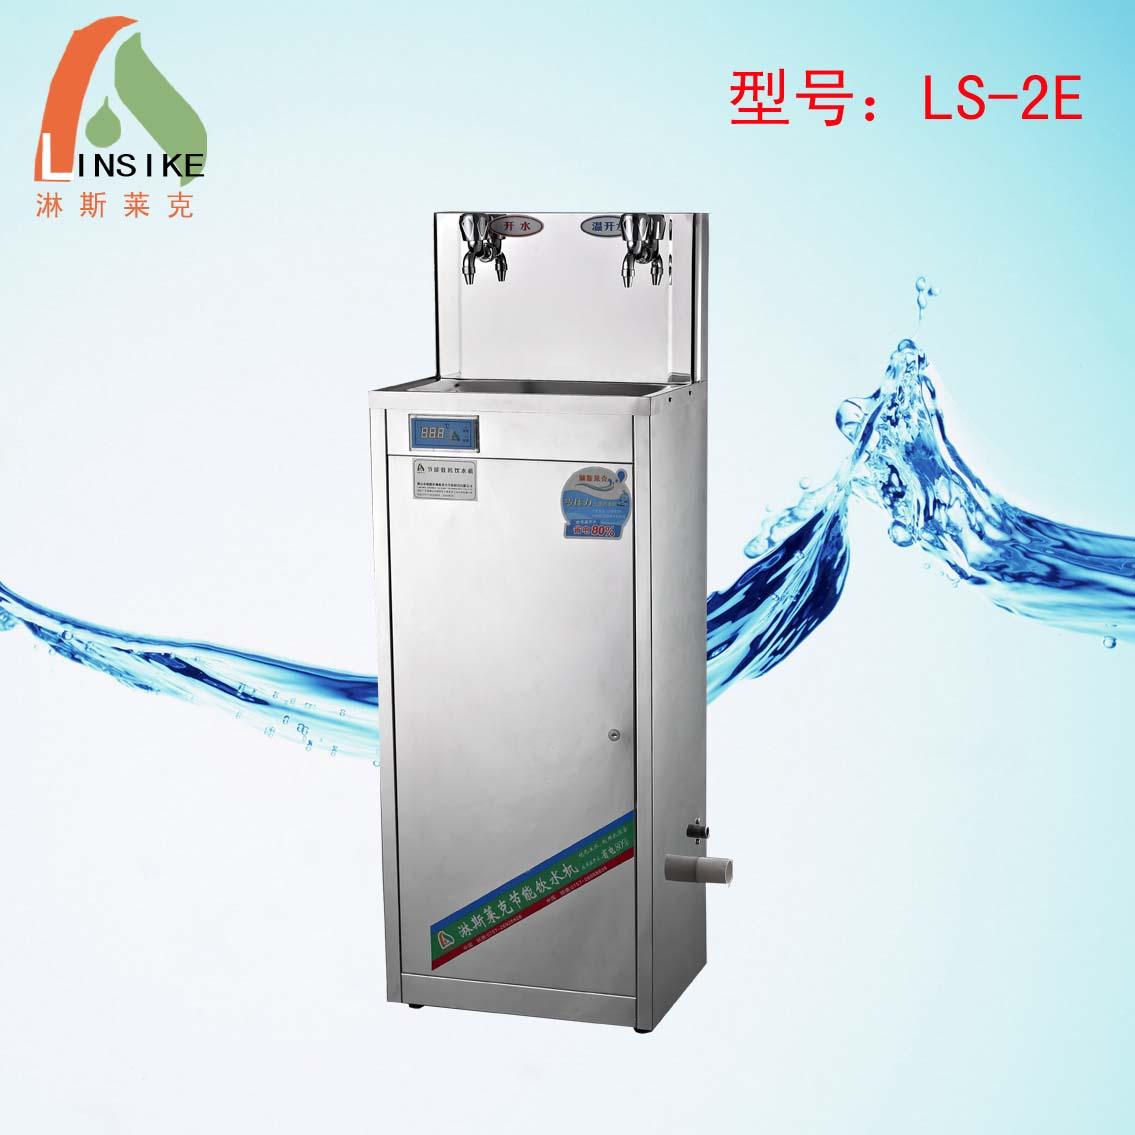 厂家直销淋斯莱克不锈钢节能饮水机LS-2E